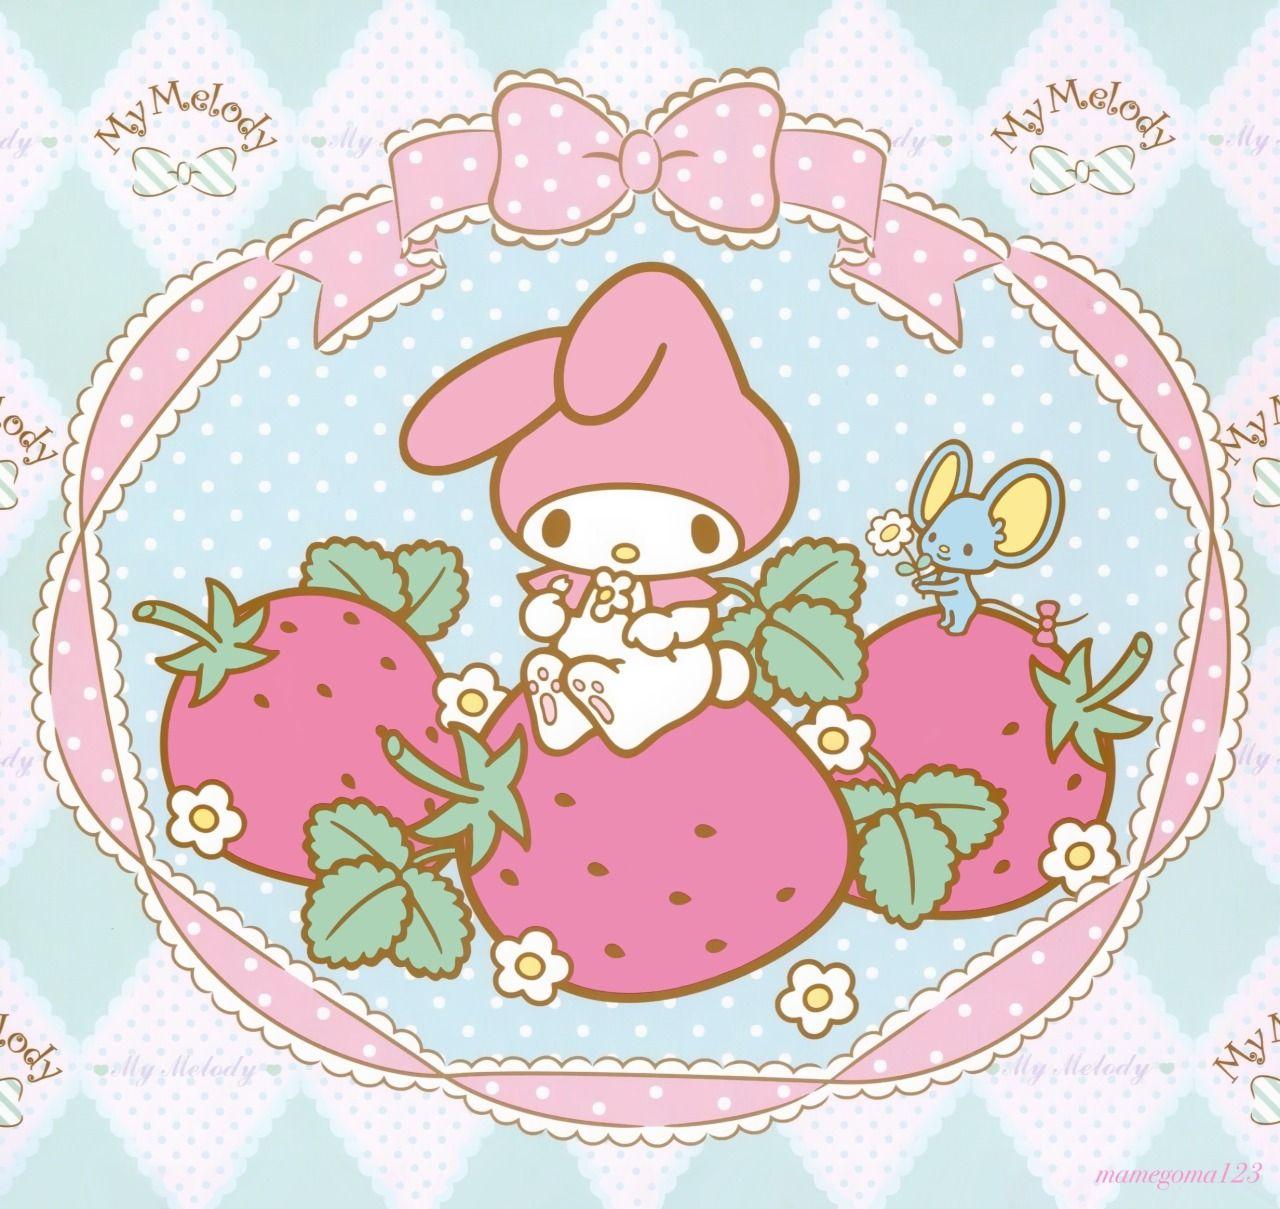 My Melody                         Más imprimibles GRATIS en http://www.fiestuqueando.blogspot.com.es